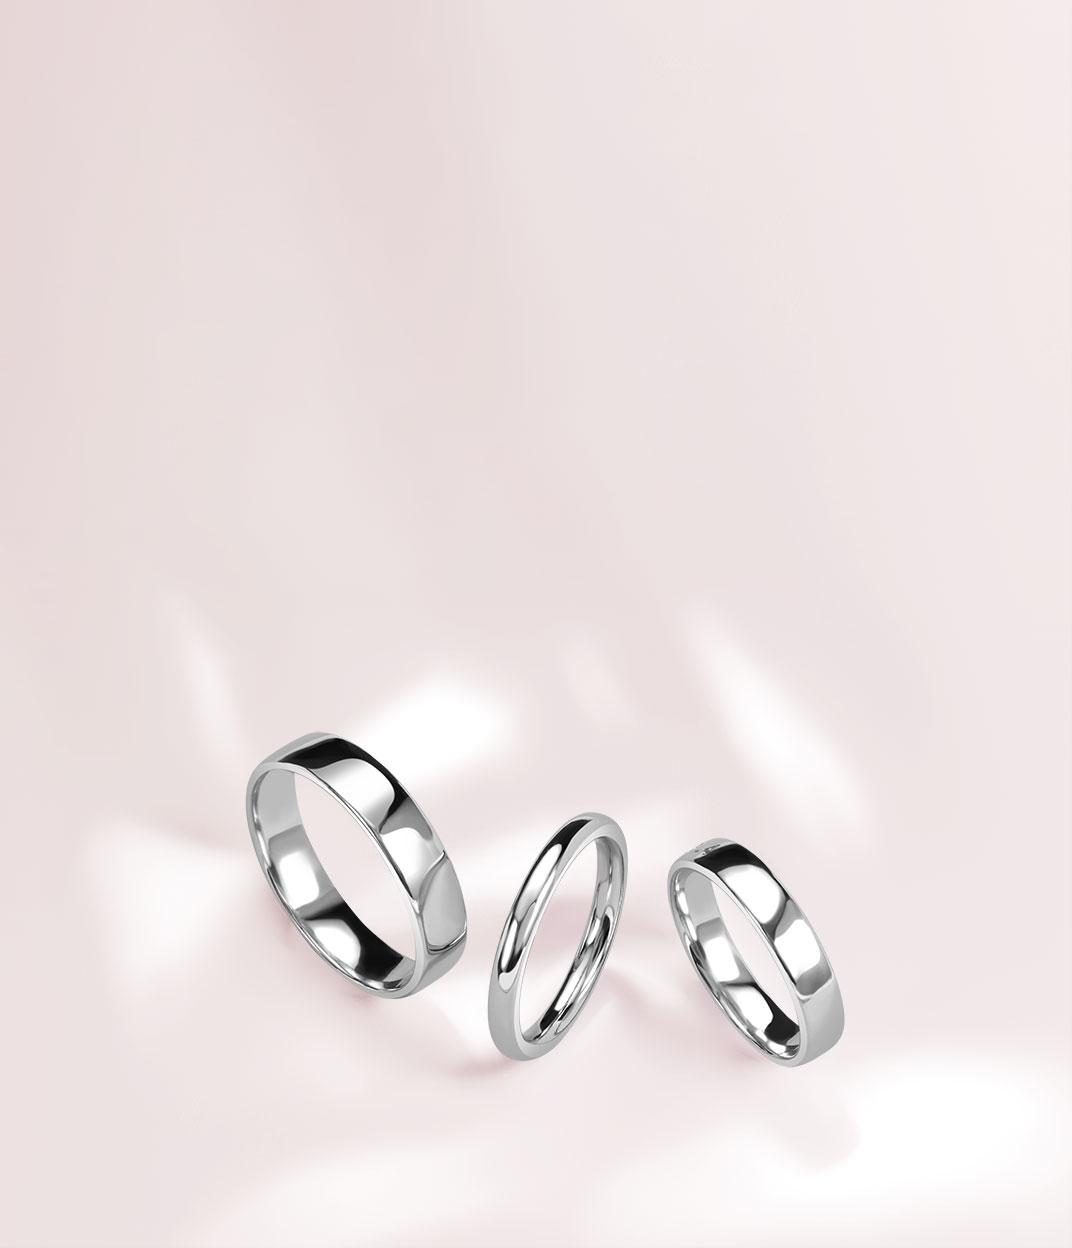 Men's White Gold Wedding Rings - Steven Stone